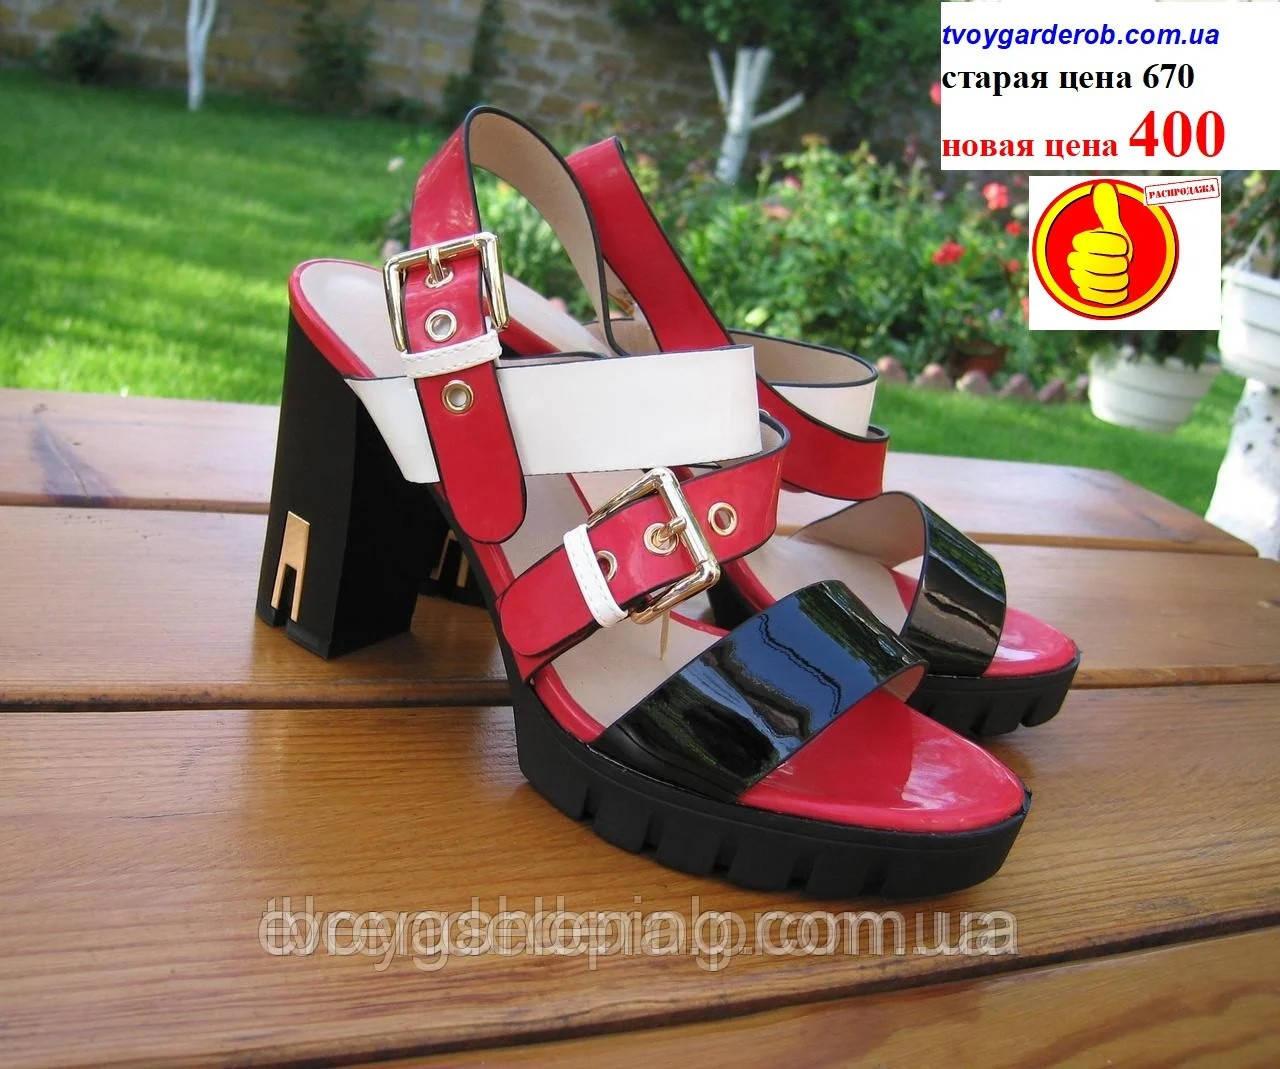 Женские босоножки на каблуке р36-39 (код 0200-00)